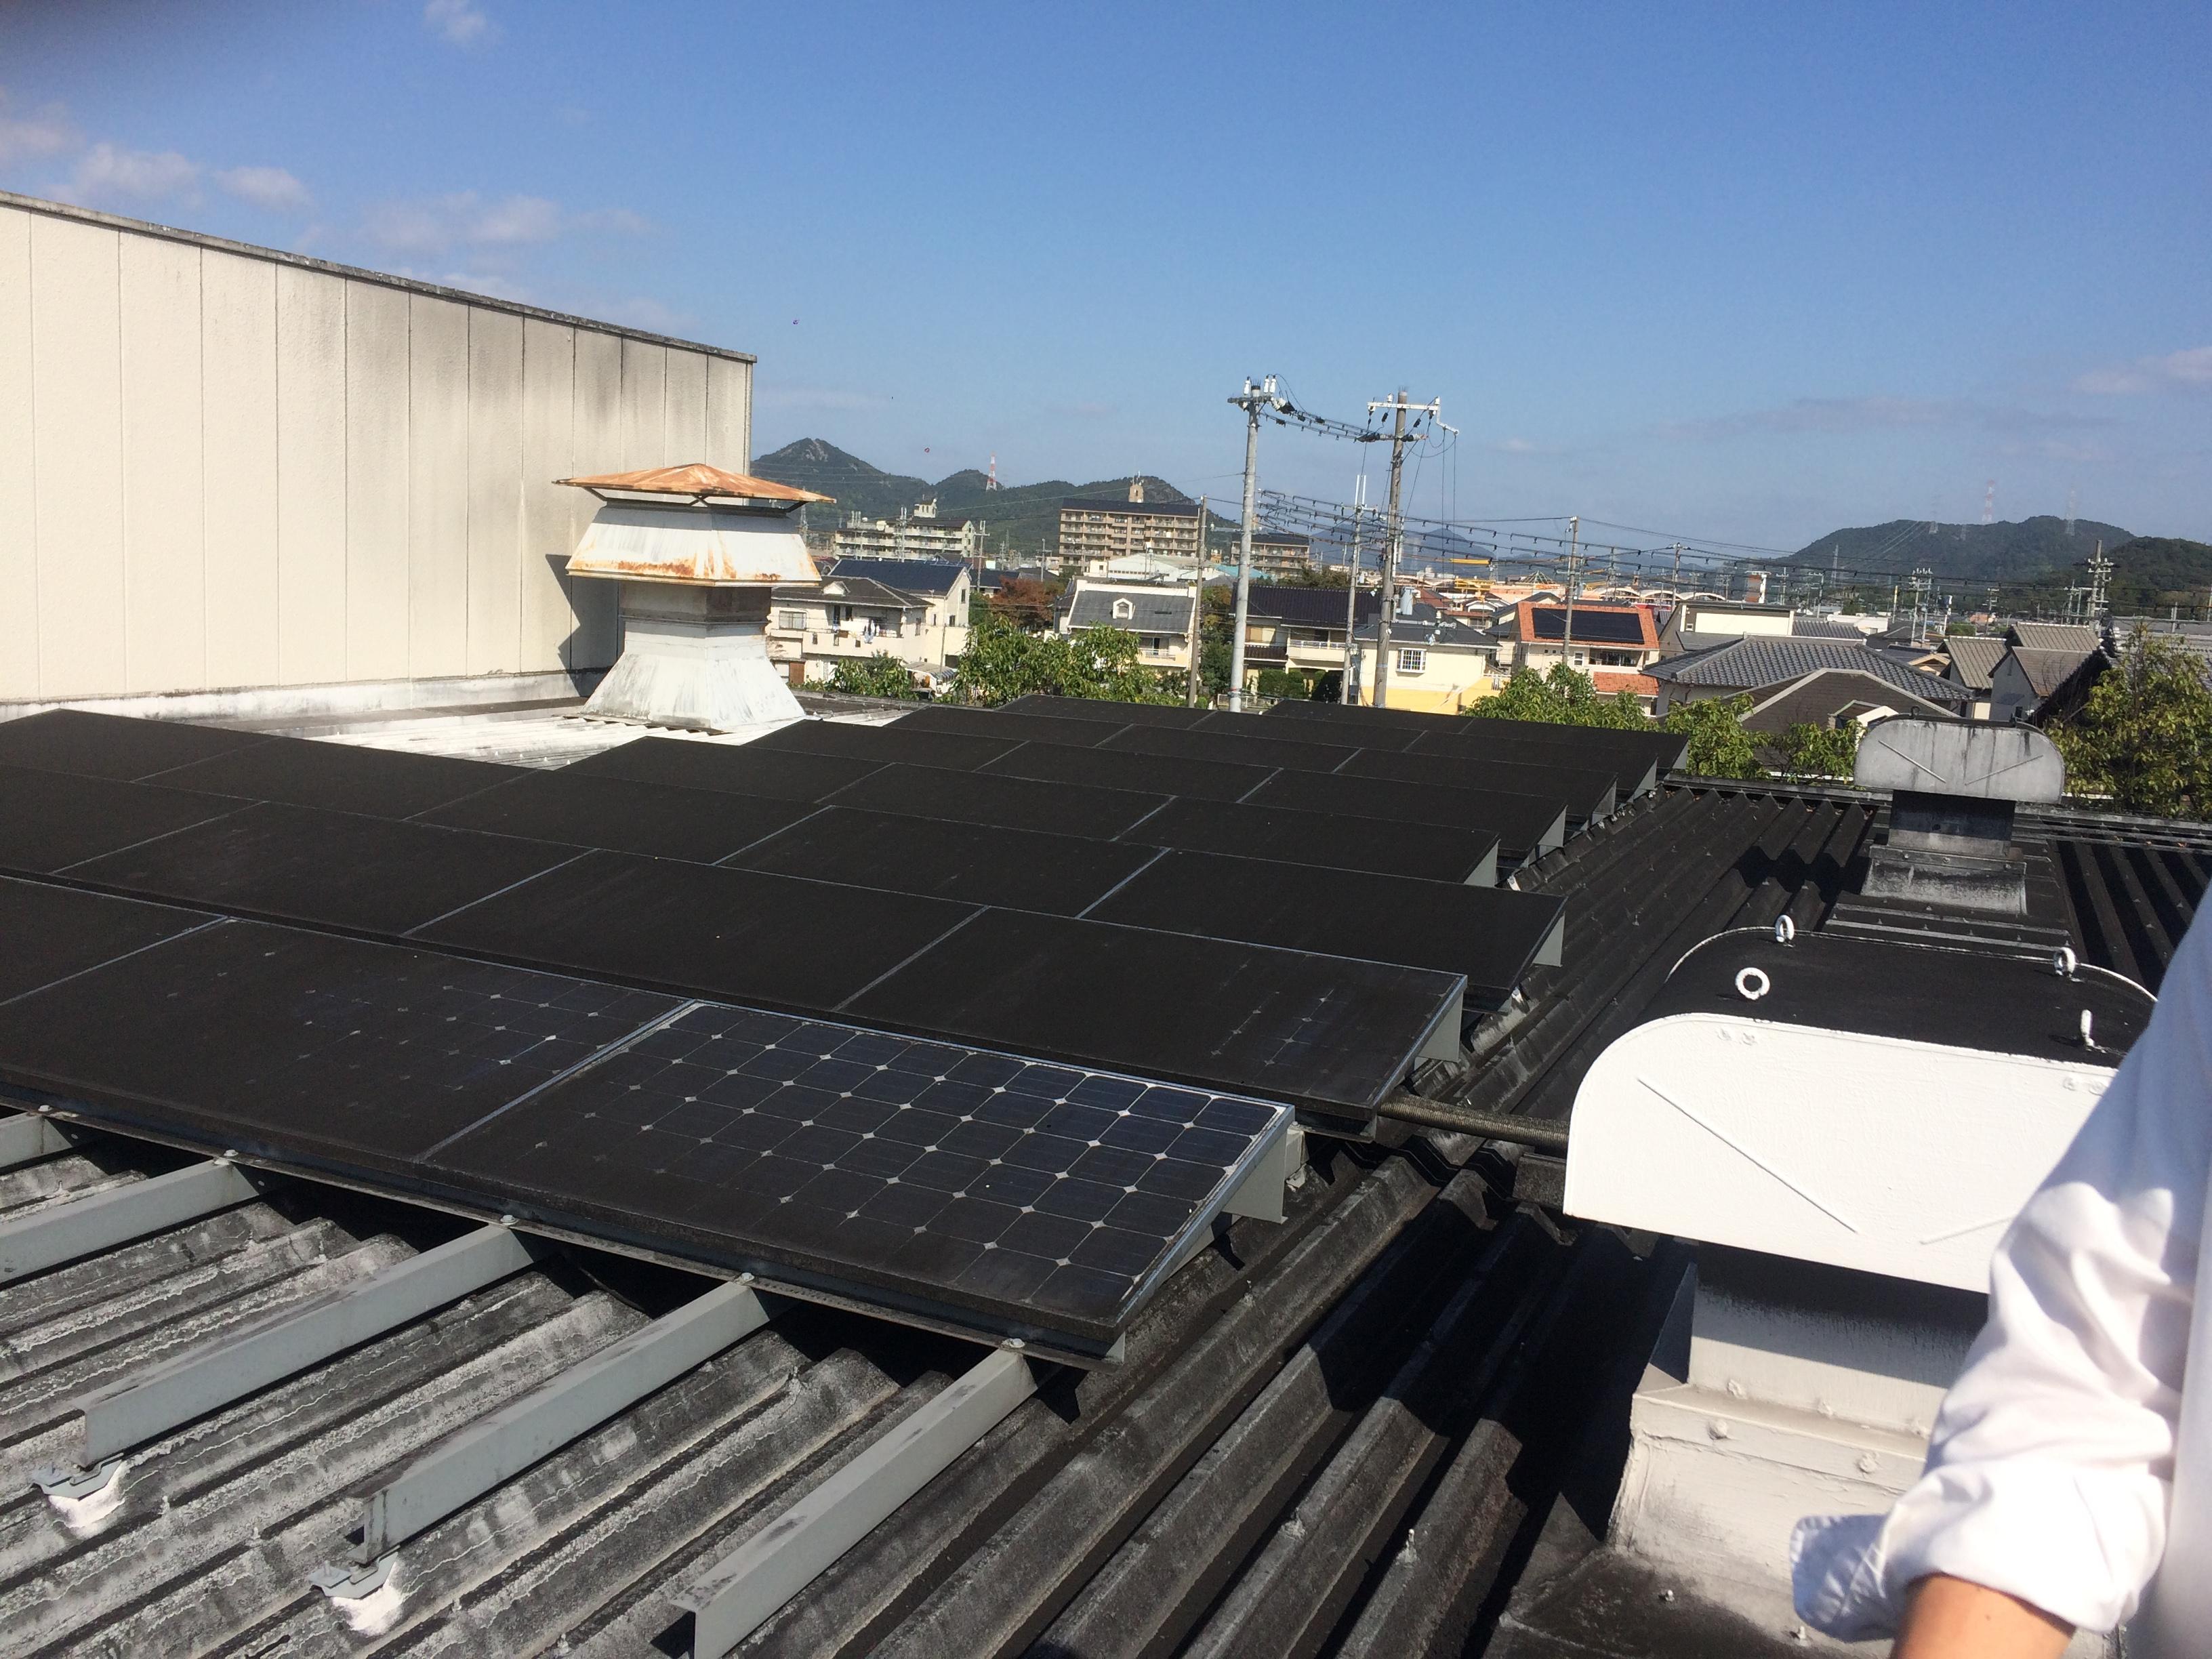 姫路市 食品工場屋根上 現地写真2